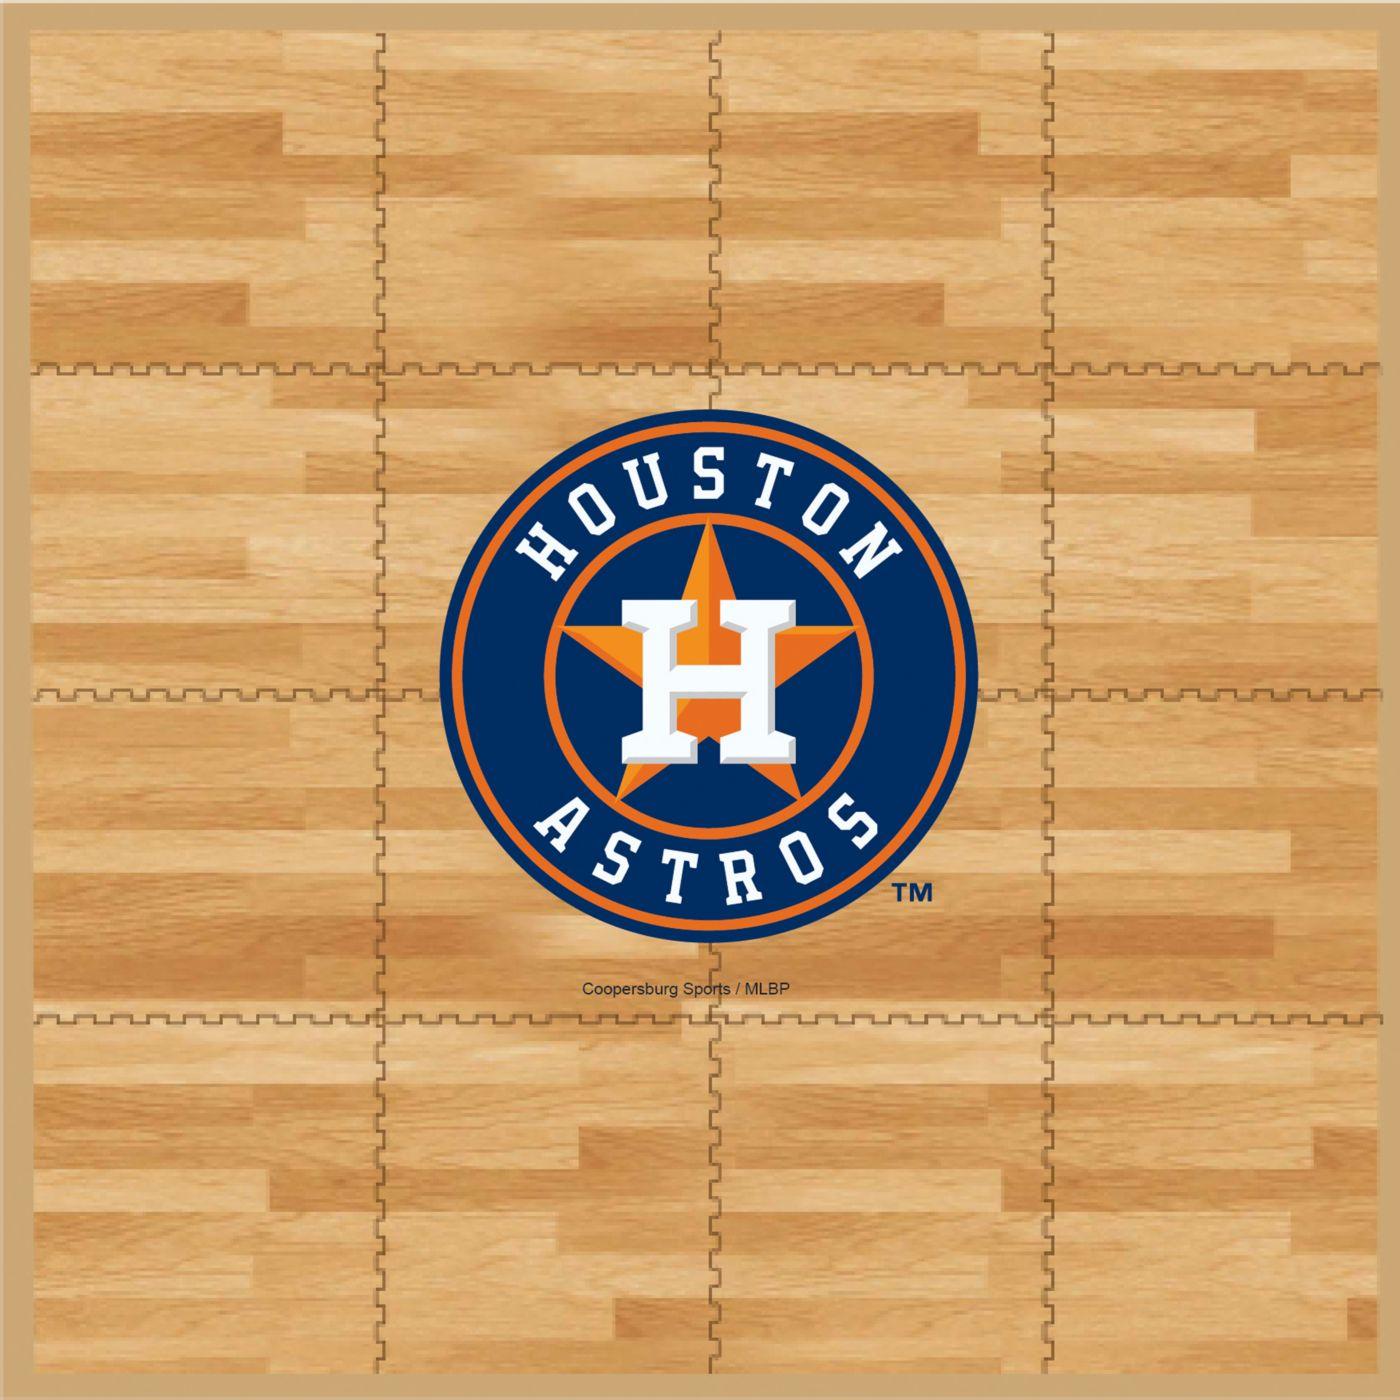 Coopersburg Sports Houston Astros Fan Floor